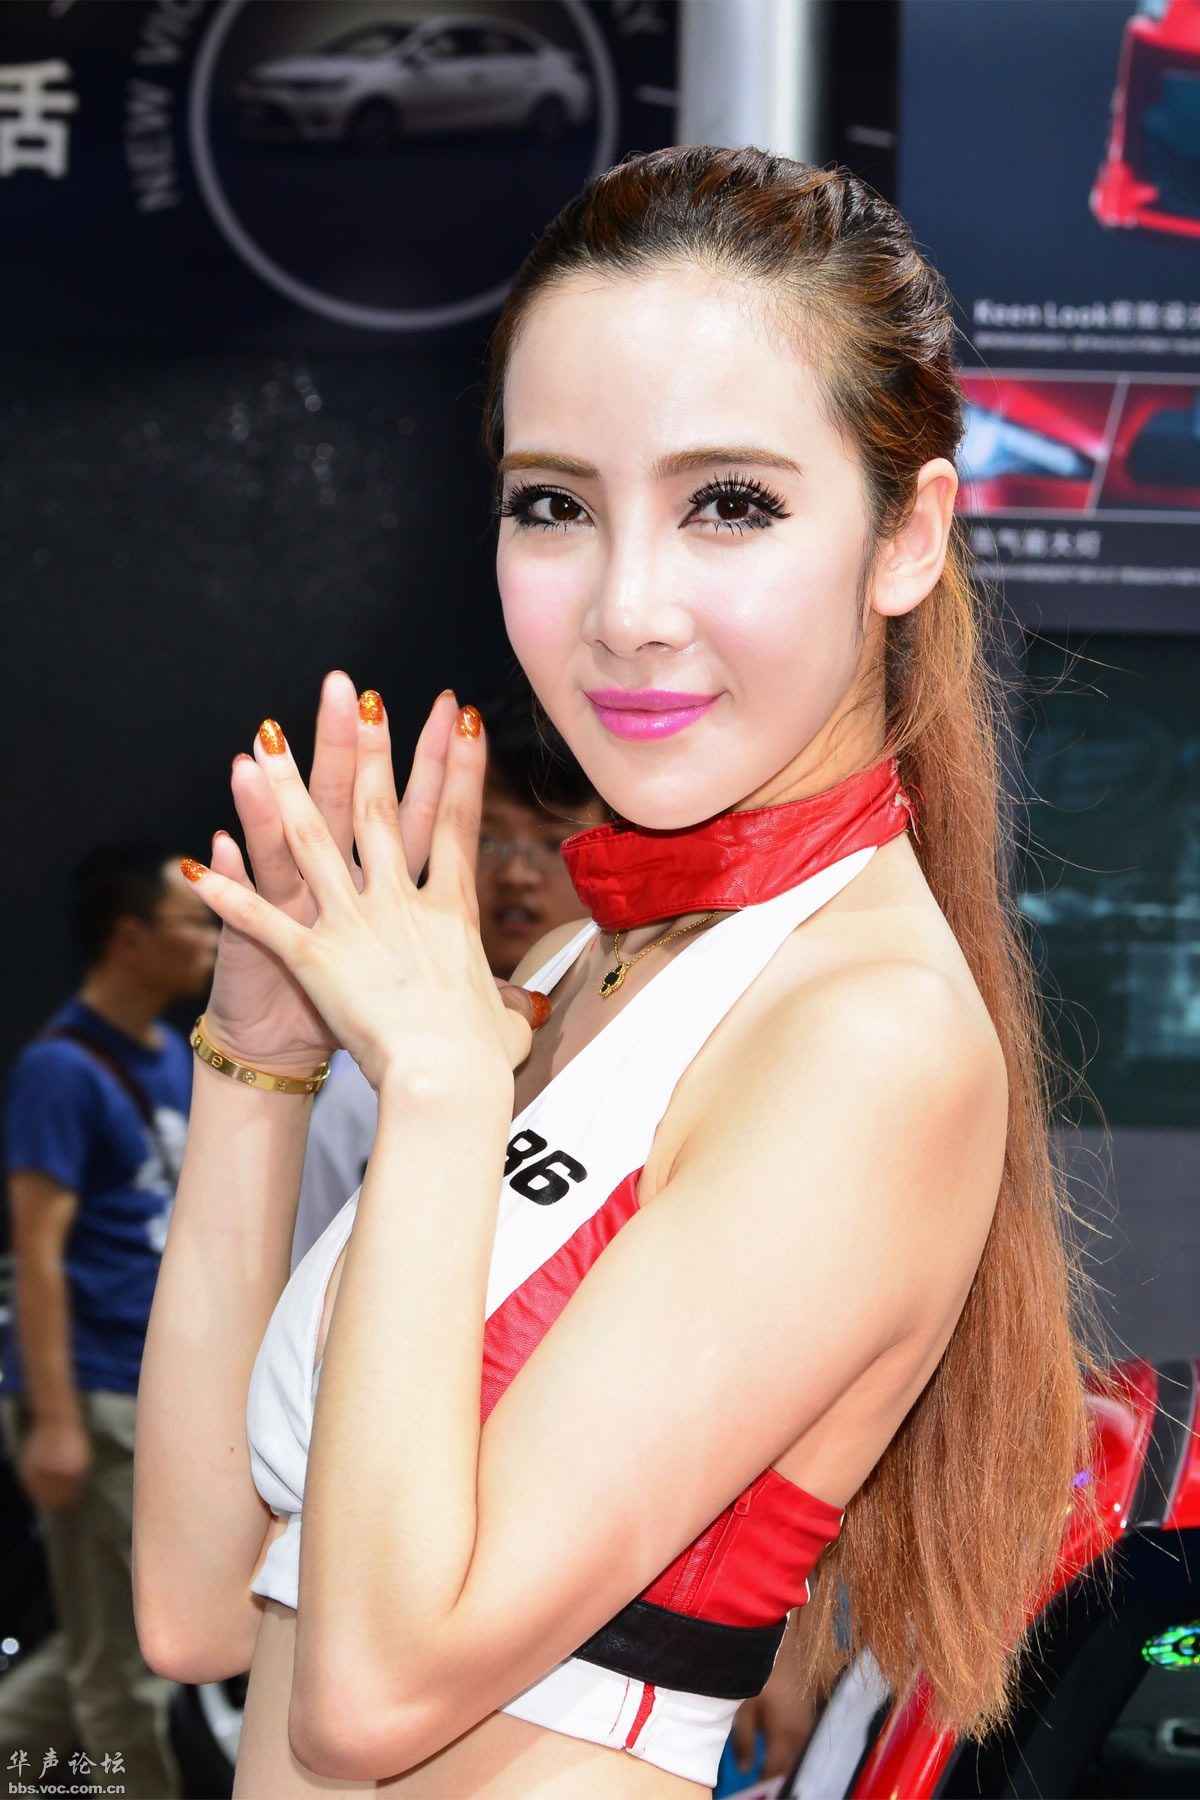 007win-华南-广西自治-北海|爱游戏官网